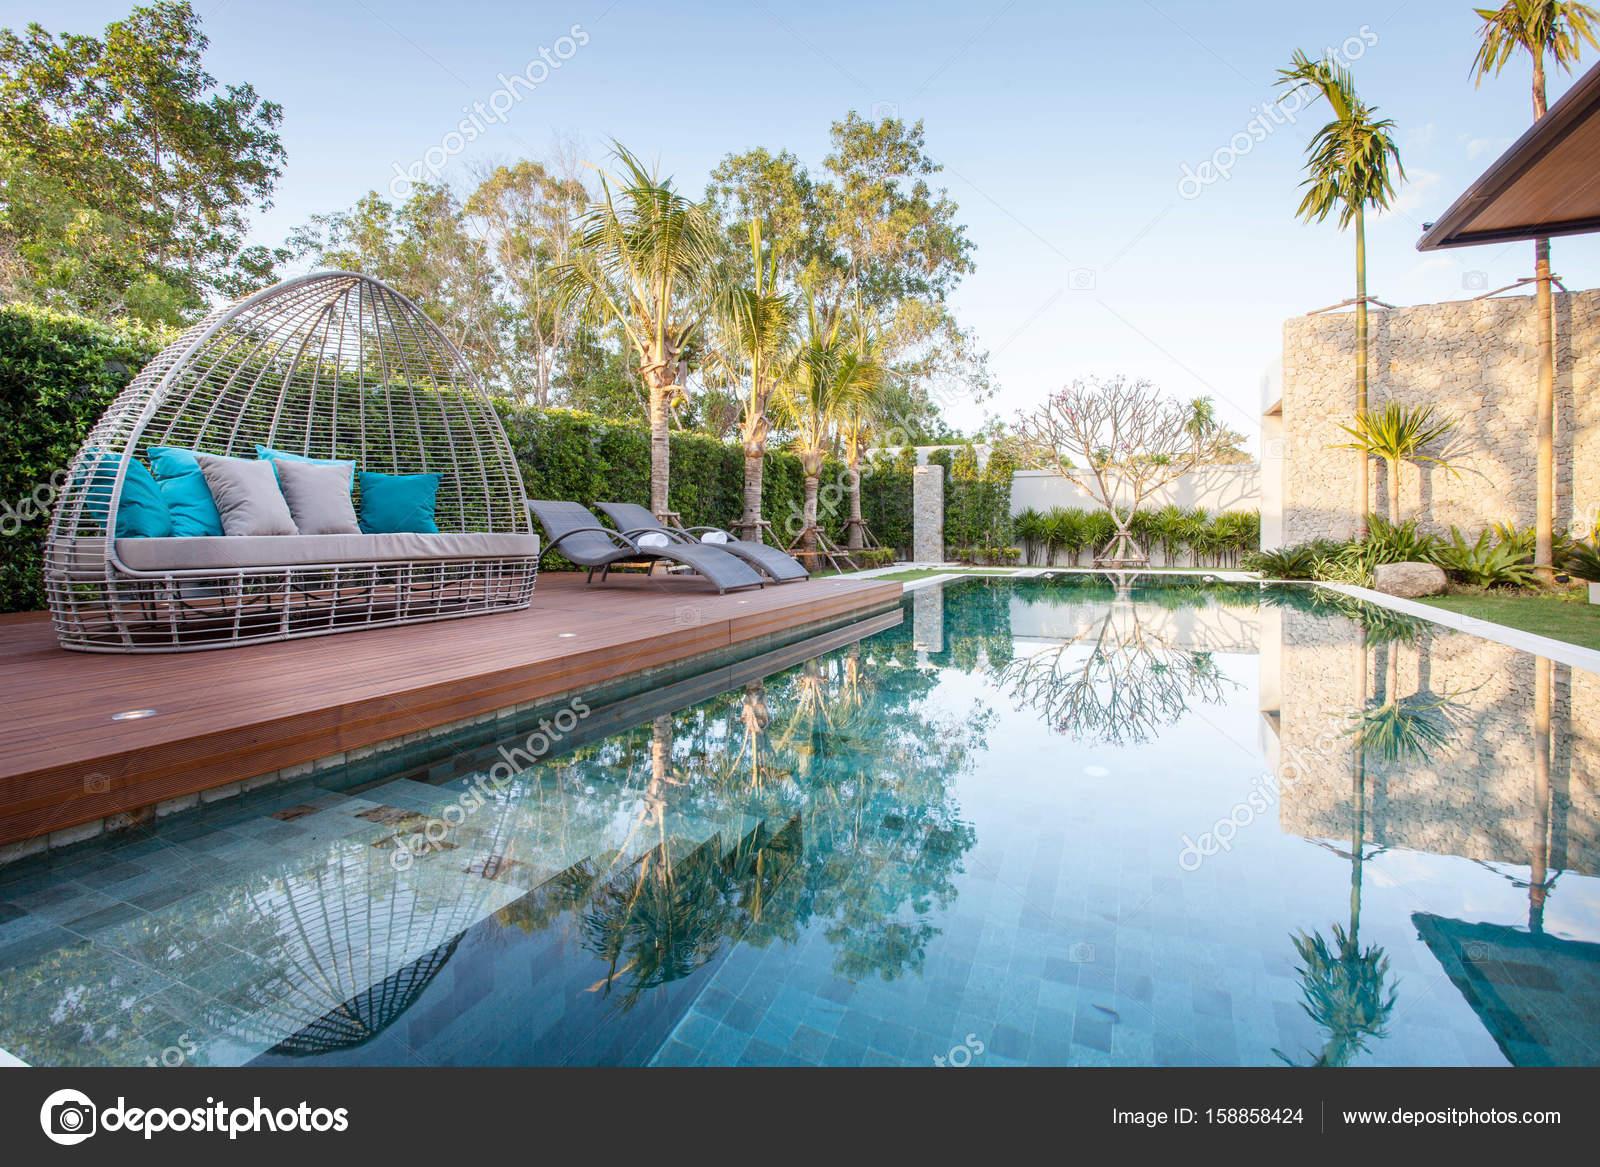 Interieur en exterieur design van villa met zwembad welke kenmerken